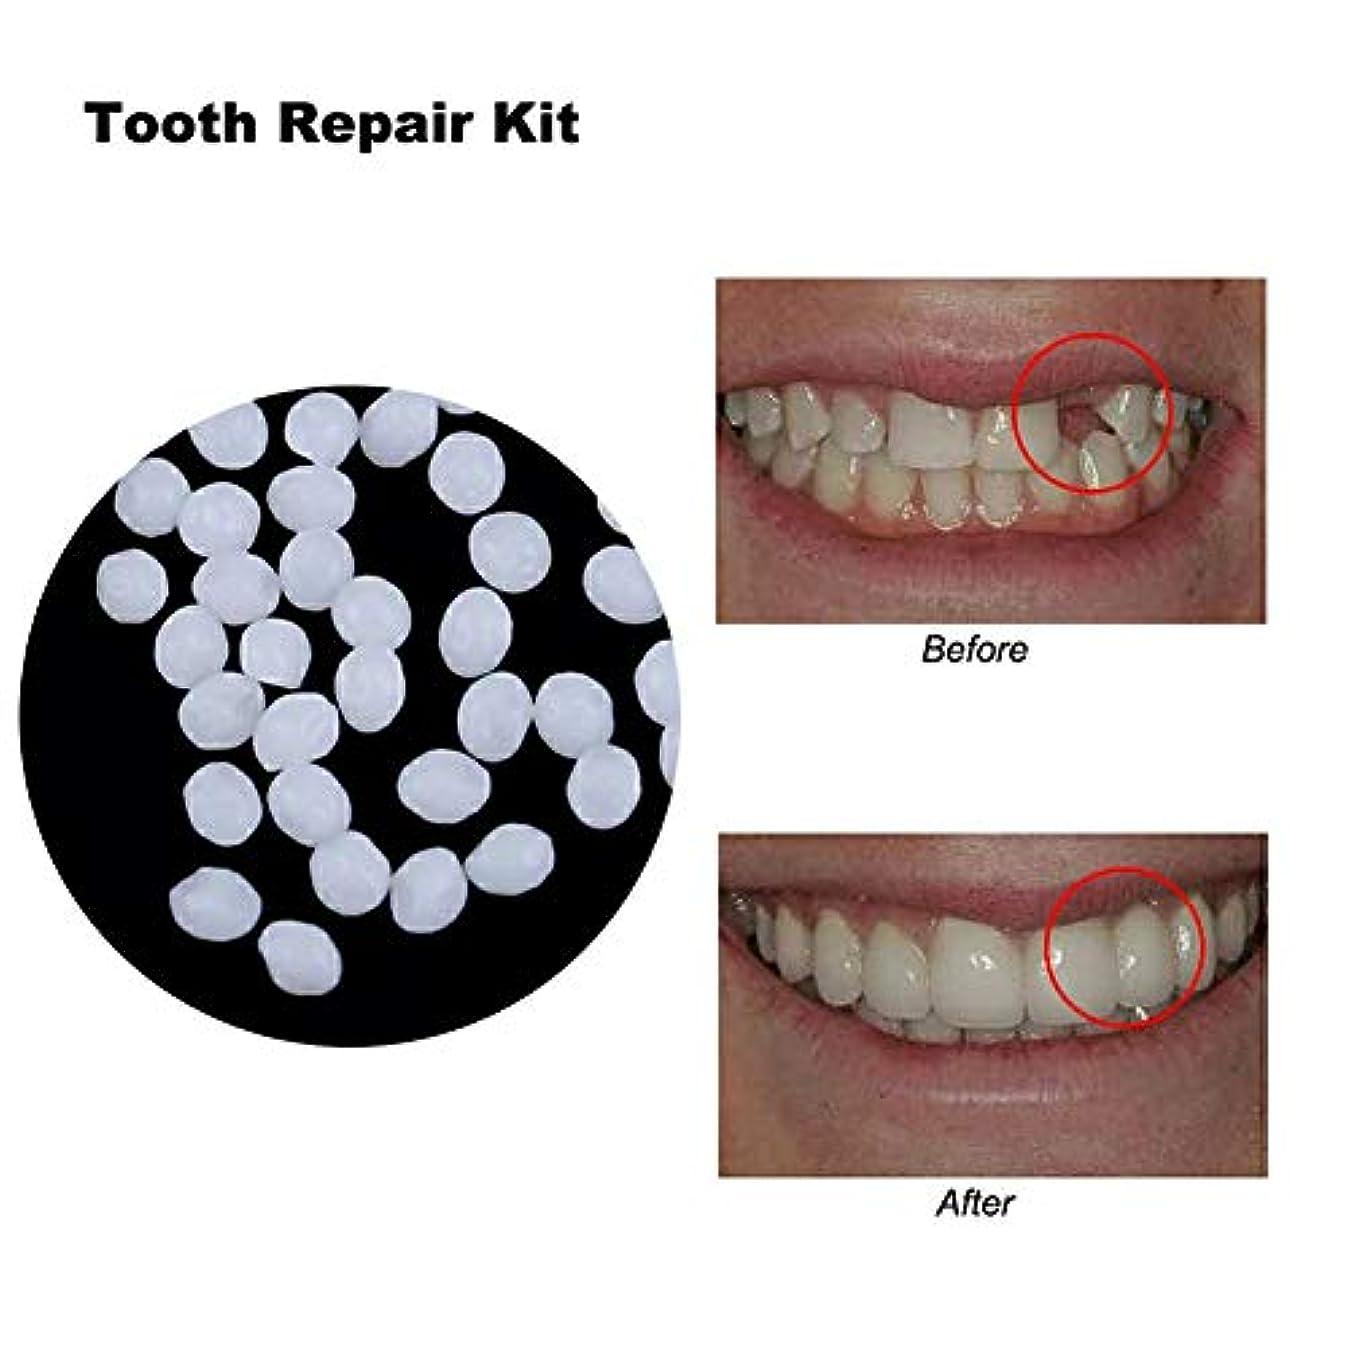 荒野トレード大学偽歯固体接着剤、樹脂の歯とギャップのための一時的な化粧品の歯の修復キットクリエイティブ義歯接着剤,10ml14g